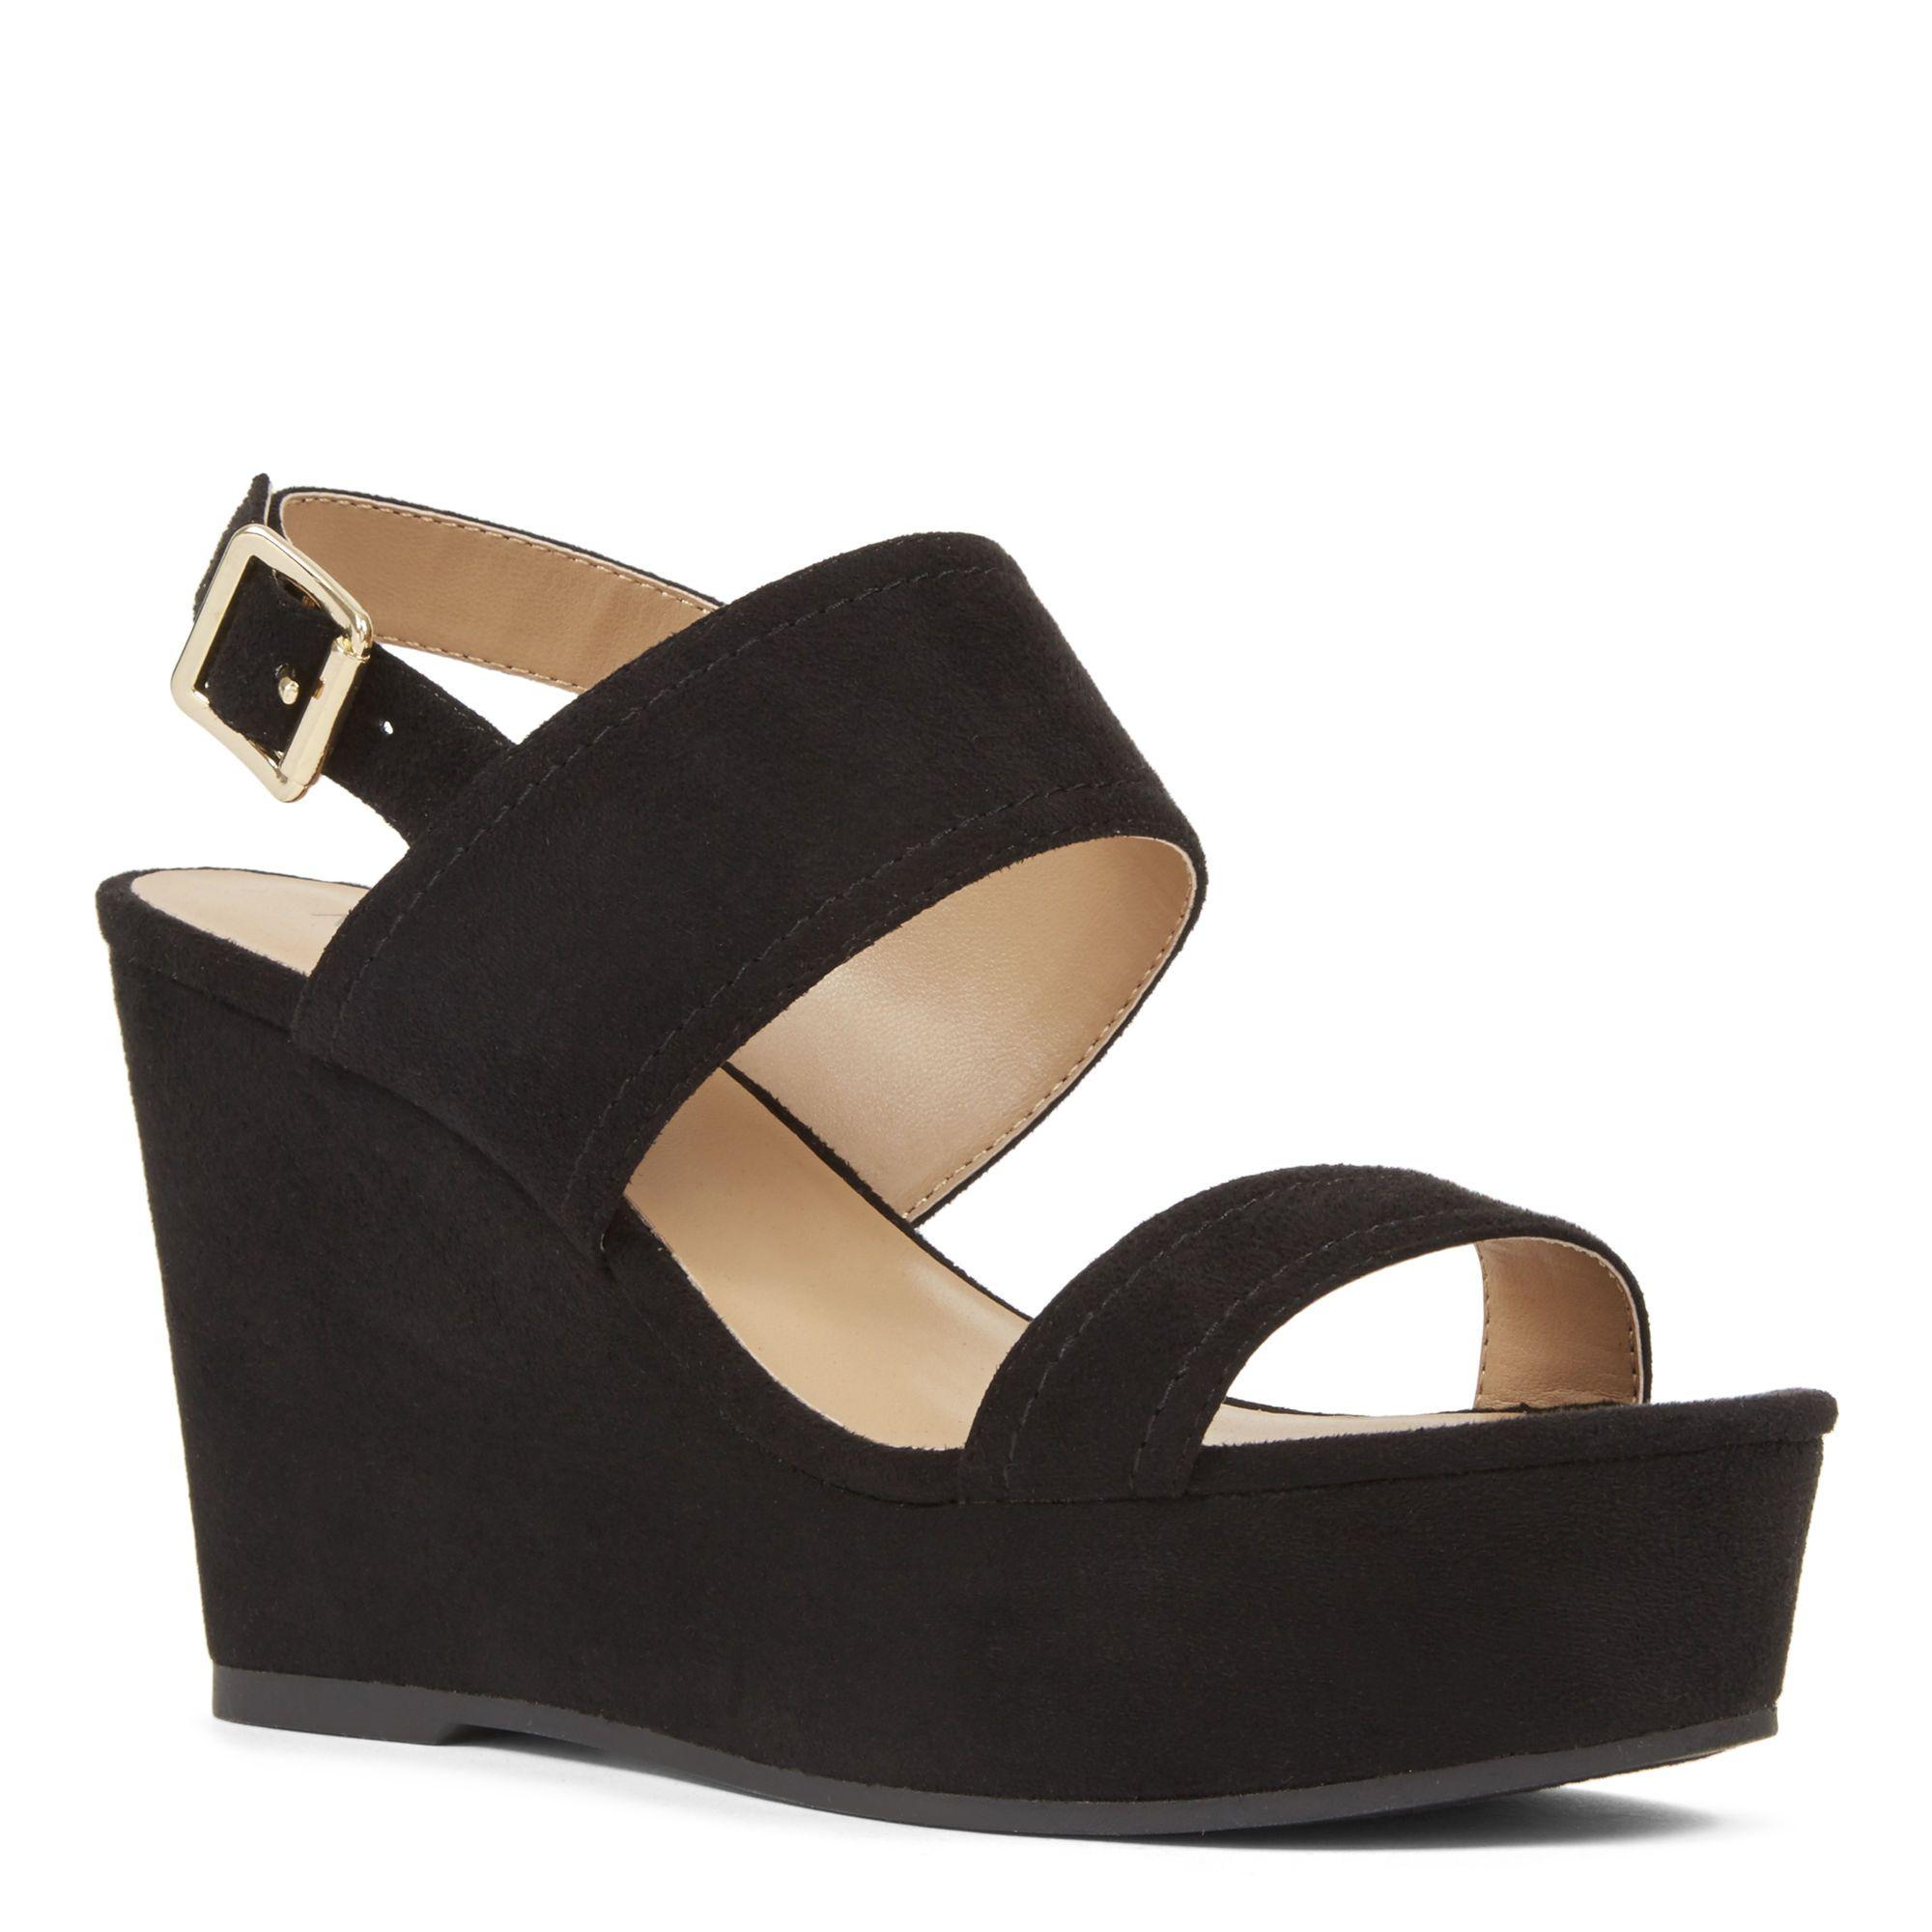 Black sandals nine west - Black Rayna Wedge Sandals Nine West